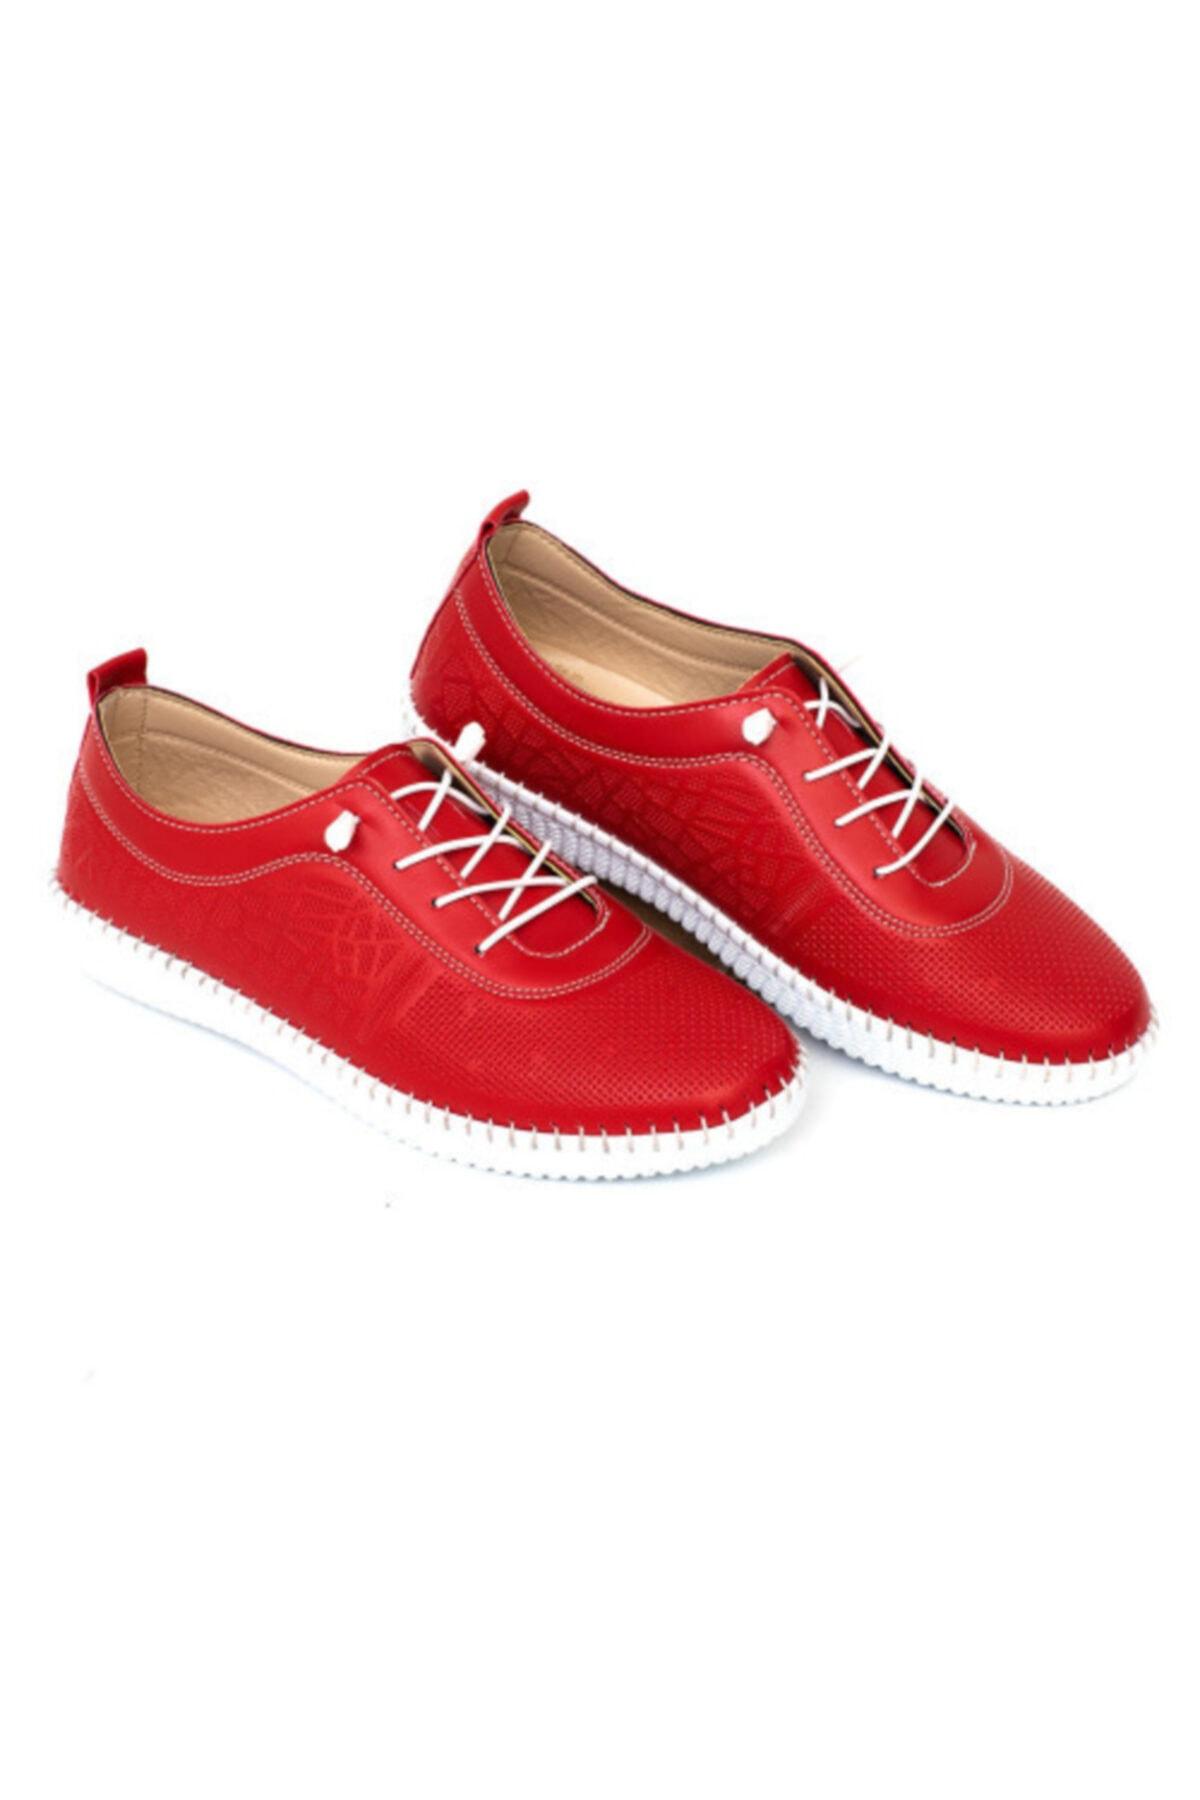 MelikaWalker Kadın Kırmızı Full Confort Ortopedik Taban Esnek Rahat Desenli Delikli Hava Alabilen Ayakkabı